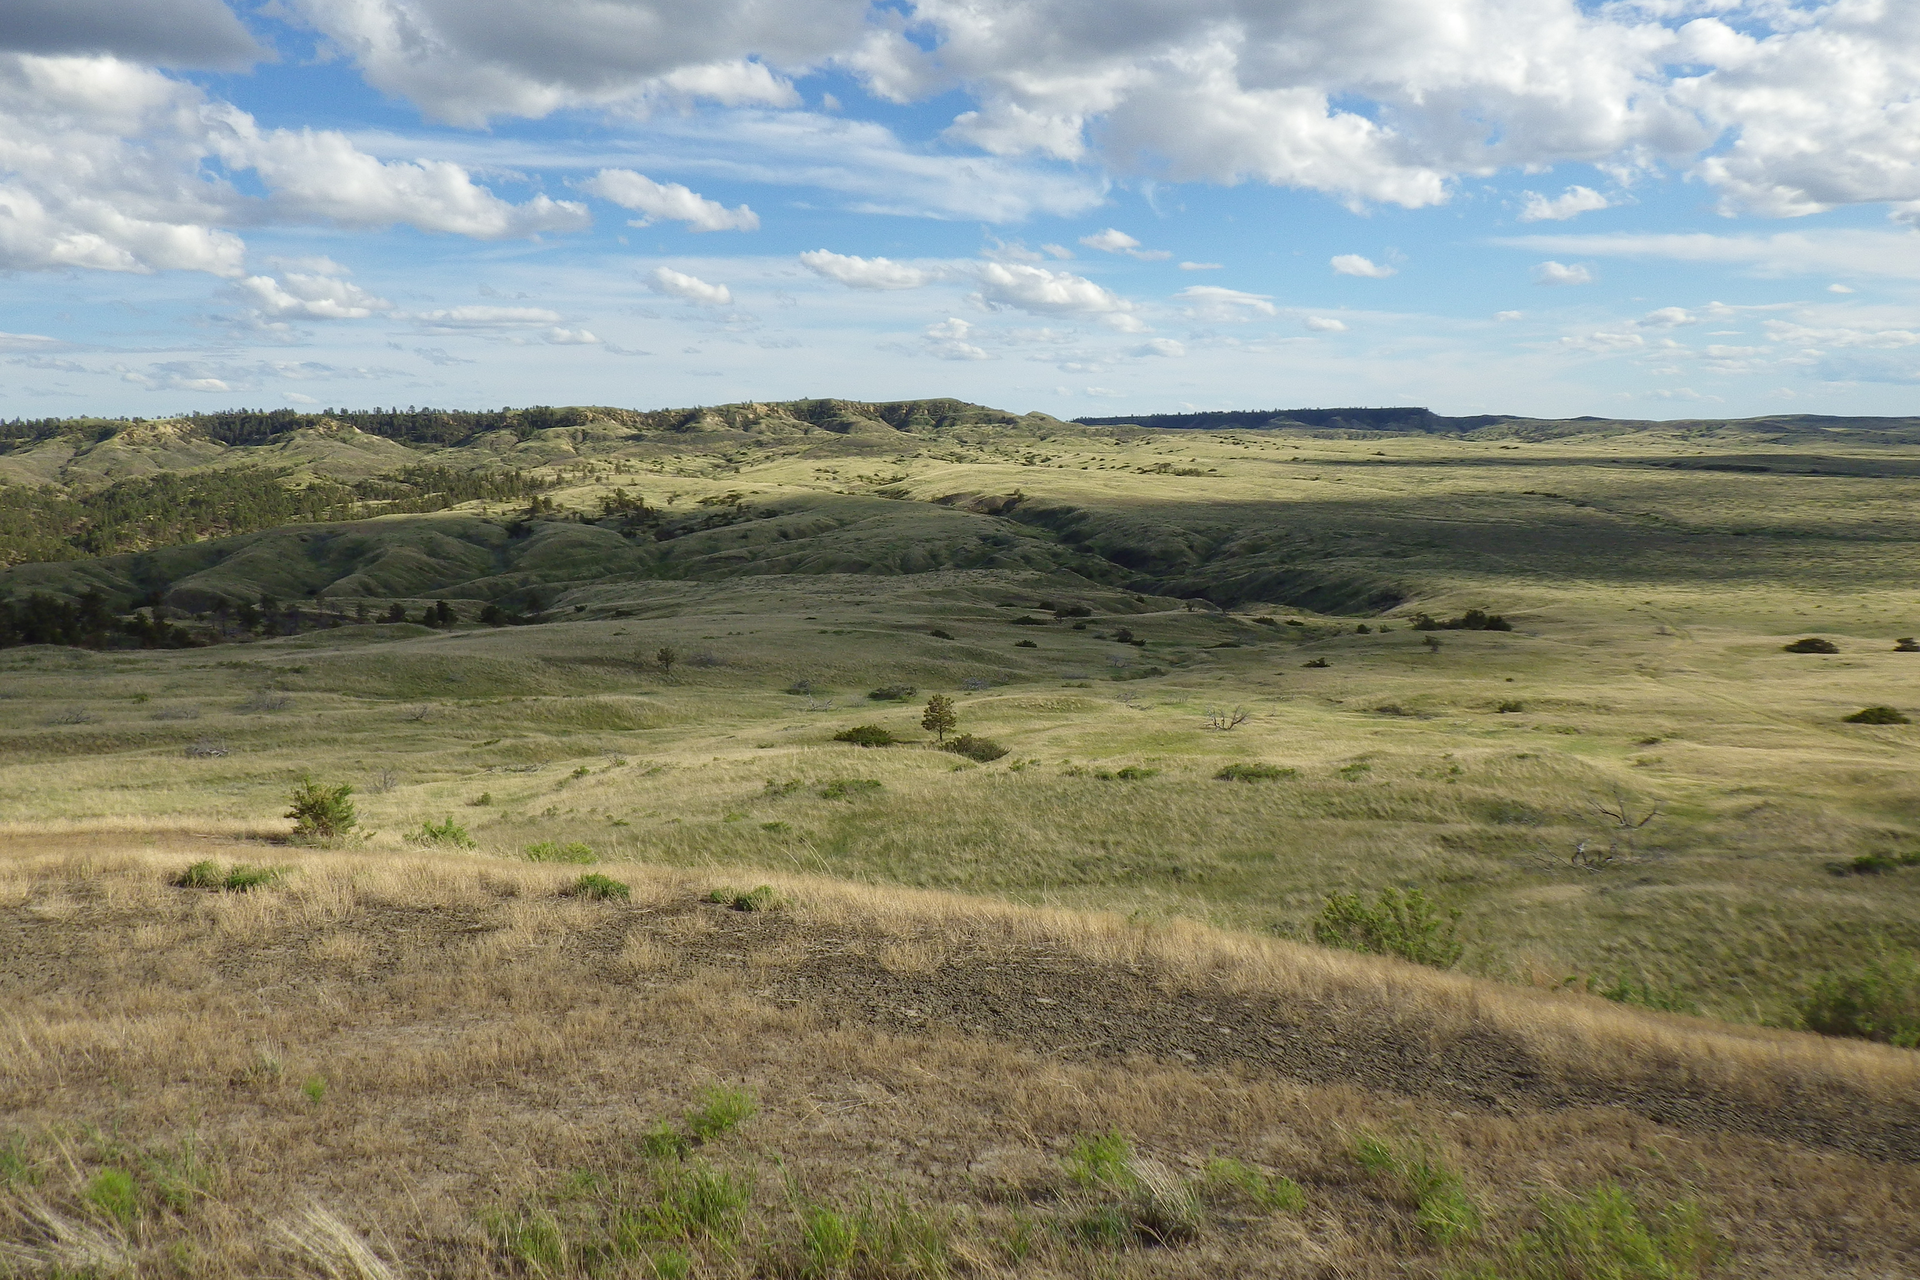 Zdjęcie przedstawiające step. Teren jest płaski, zwzniesieniami na horyzoncie. Ziemia jest porośnięta wychsniętą trawą.